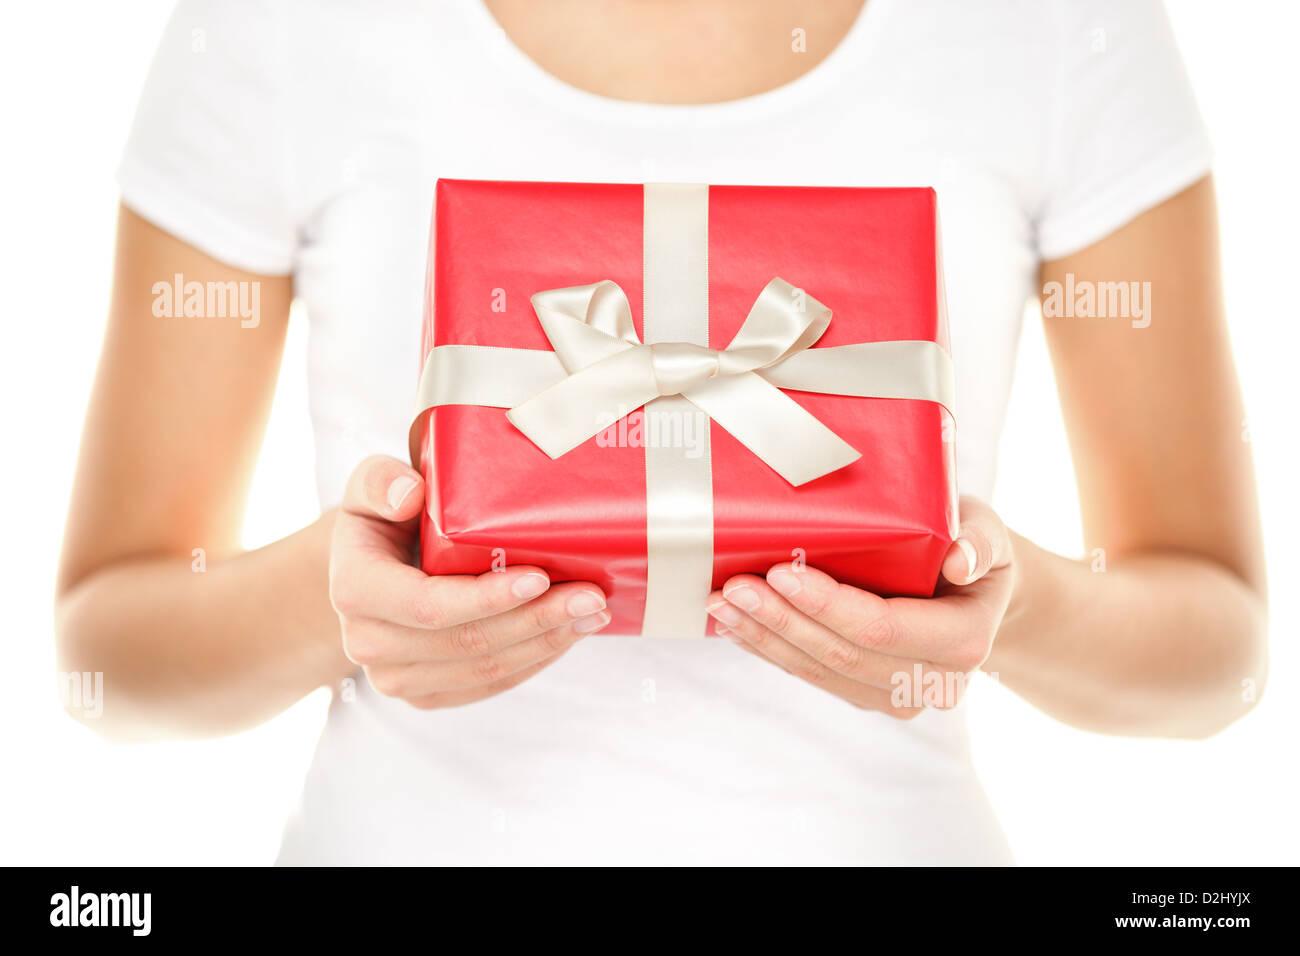 Primer plano de manos femeninas, mostrando y dando regalos con rojo papel de embalaje y la cinta blanca aislado Imagen De Stock